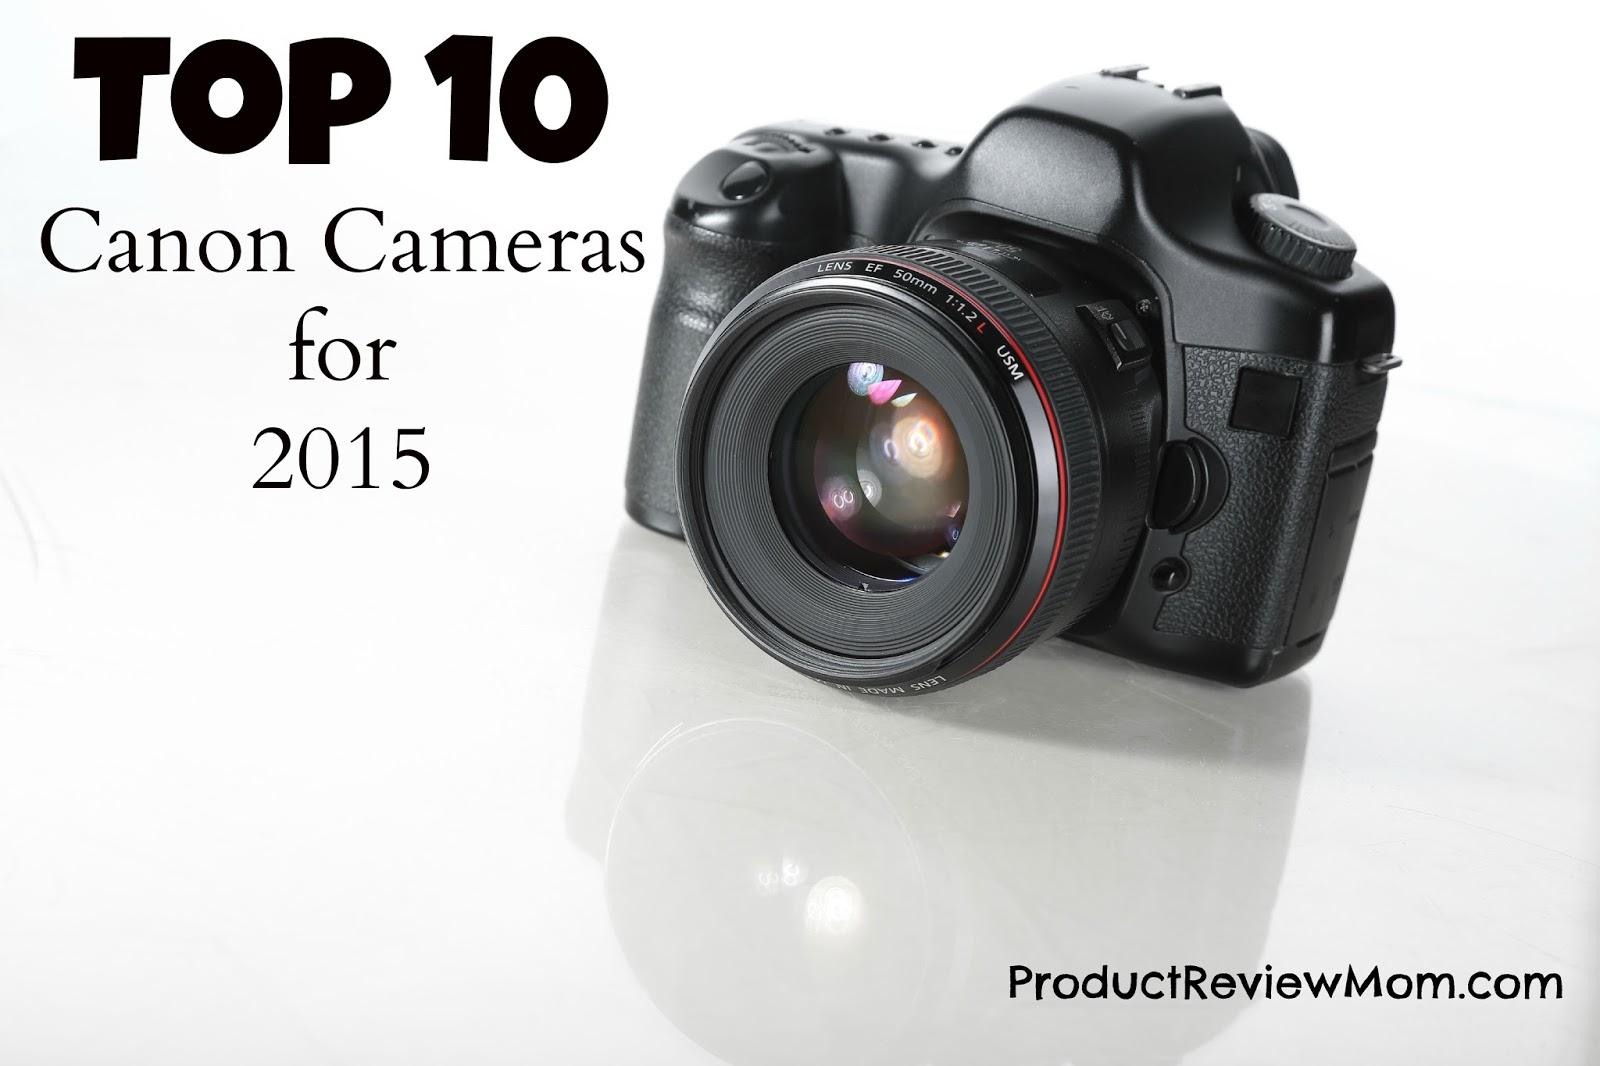 Top 10 Canon Cameras 2015